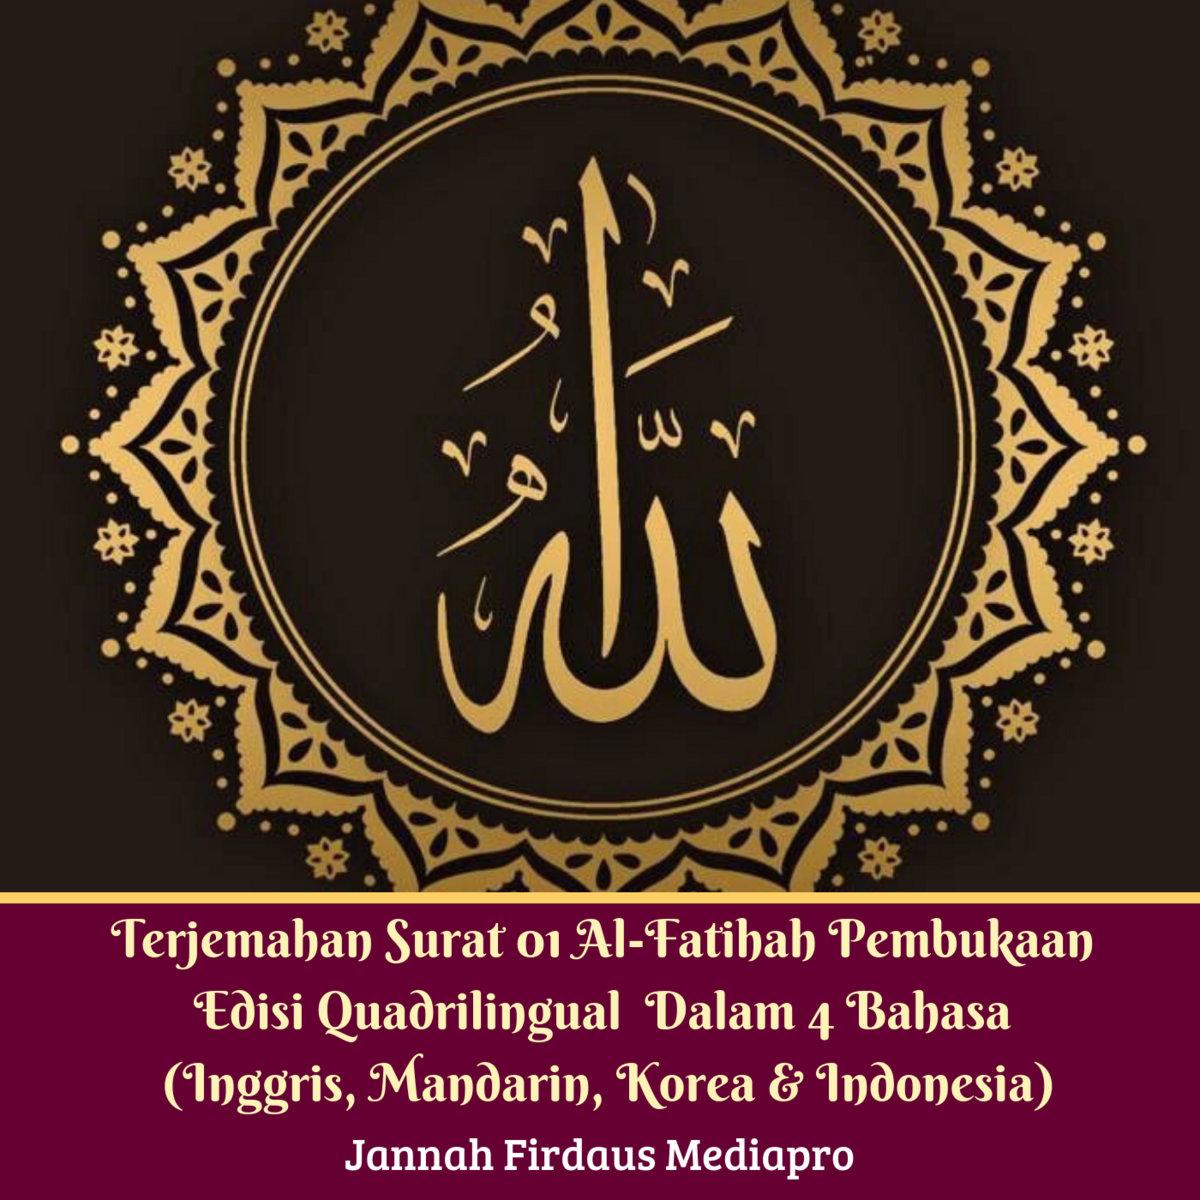 Terjemahan Surat 01 Al Fatihah Pembukaan Edisi Quadrilingual